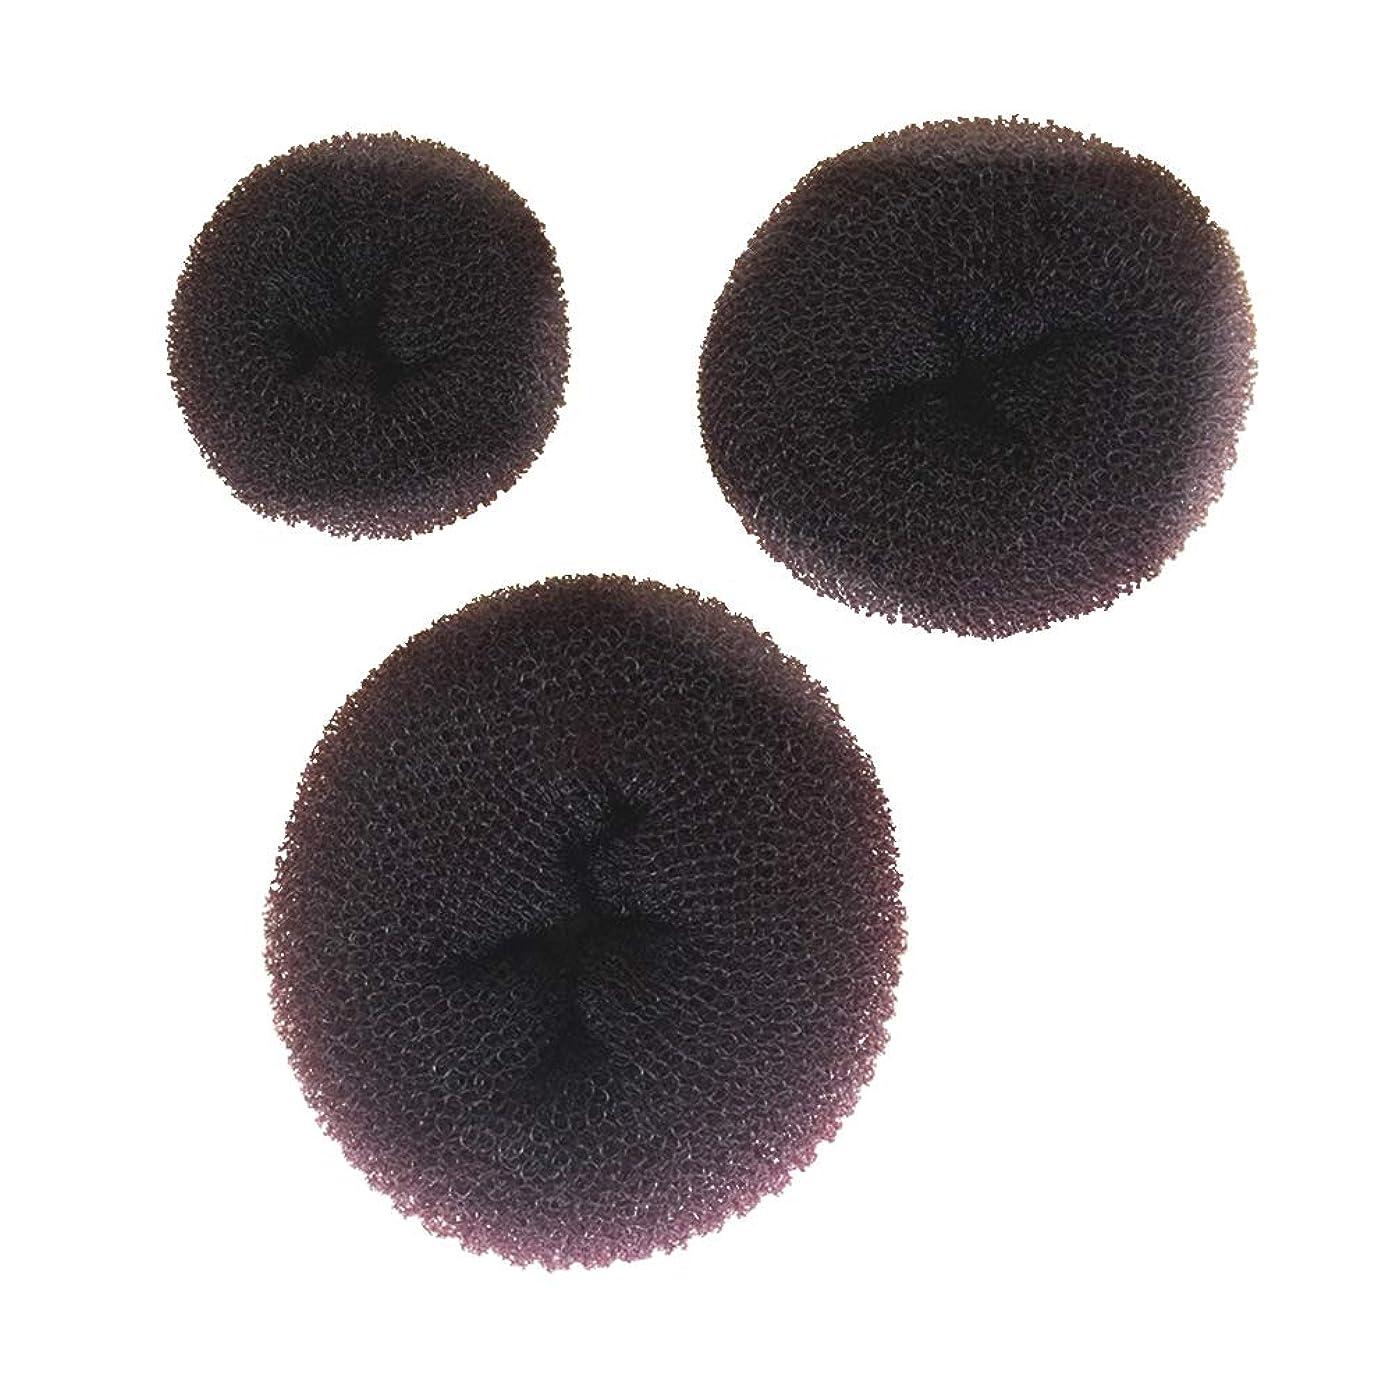 不規則性かけがえのない謙虚なLURROSE 3ピースヘアドーナツパンメーカーインスタントヘアバンメーカーキット用女の子女性